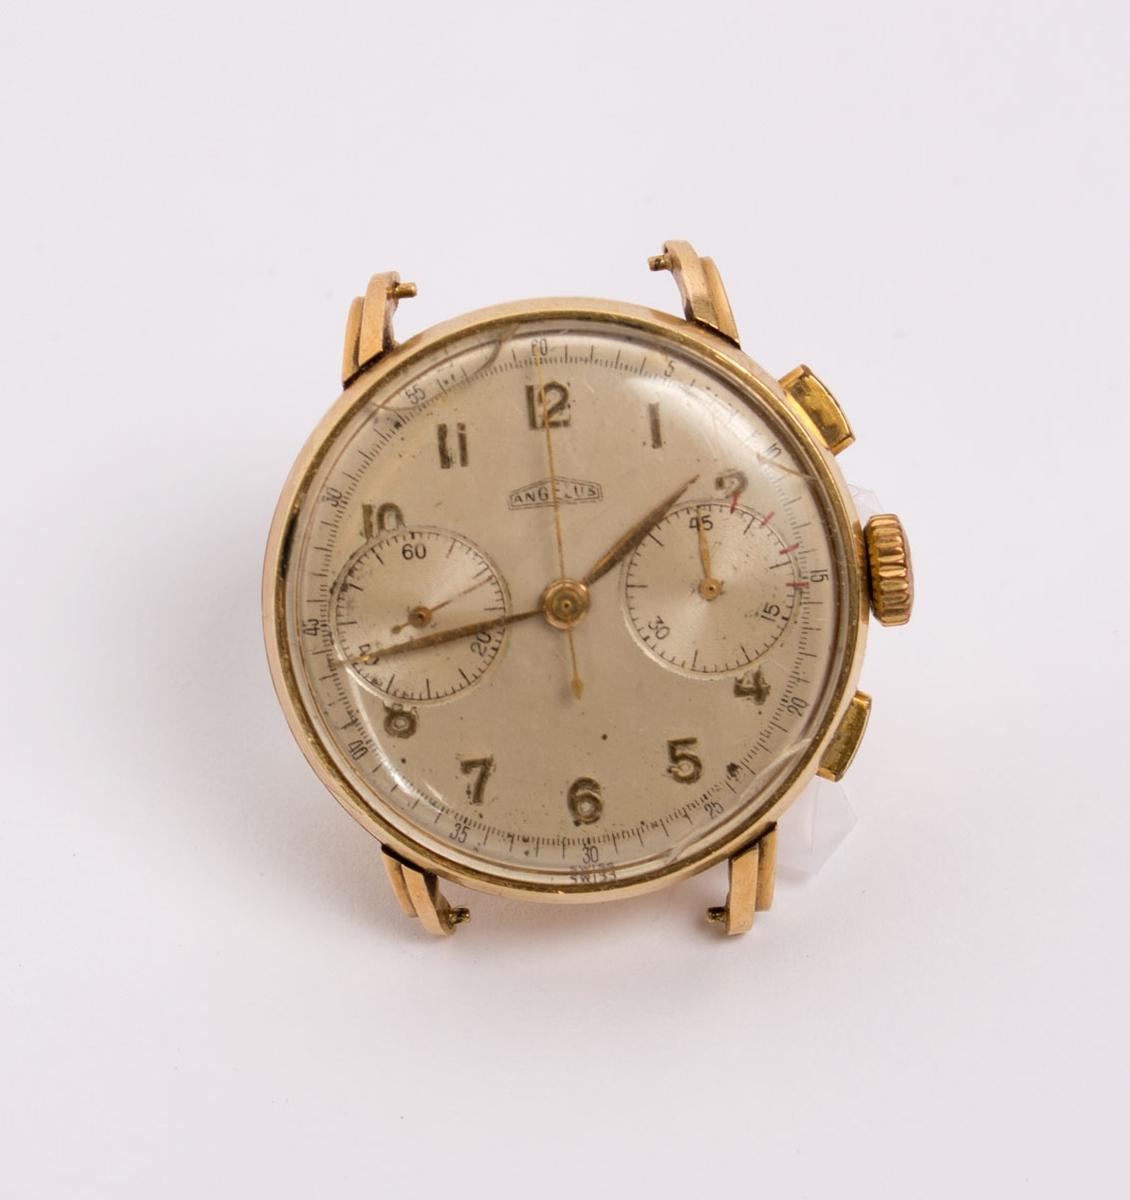 Herre armbåndsur uten lenke. Med inskripsjon fra offiserer og mannskap på hvalkokeri BALAENA.